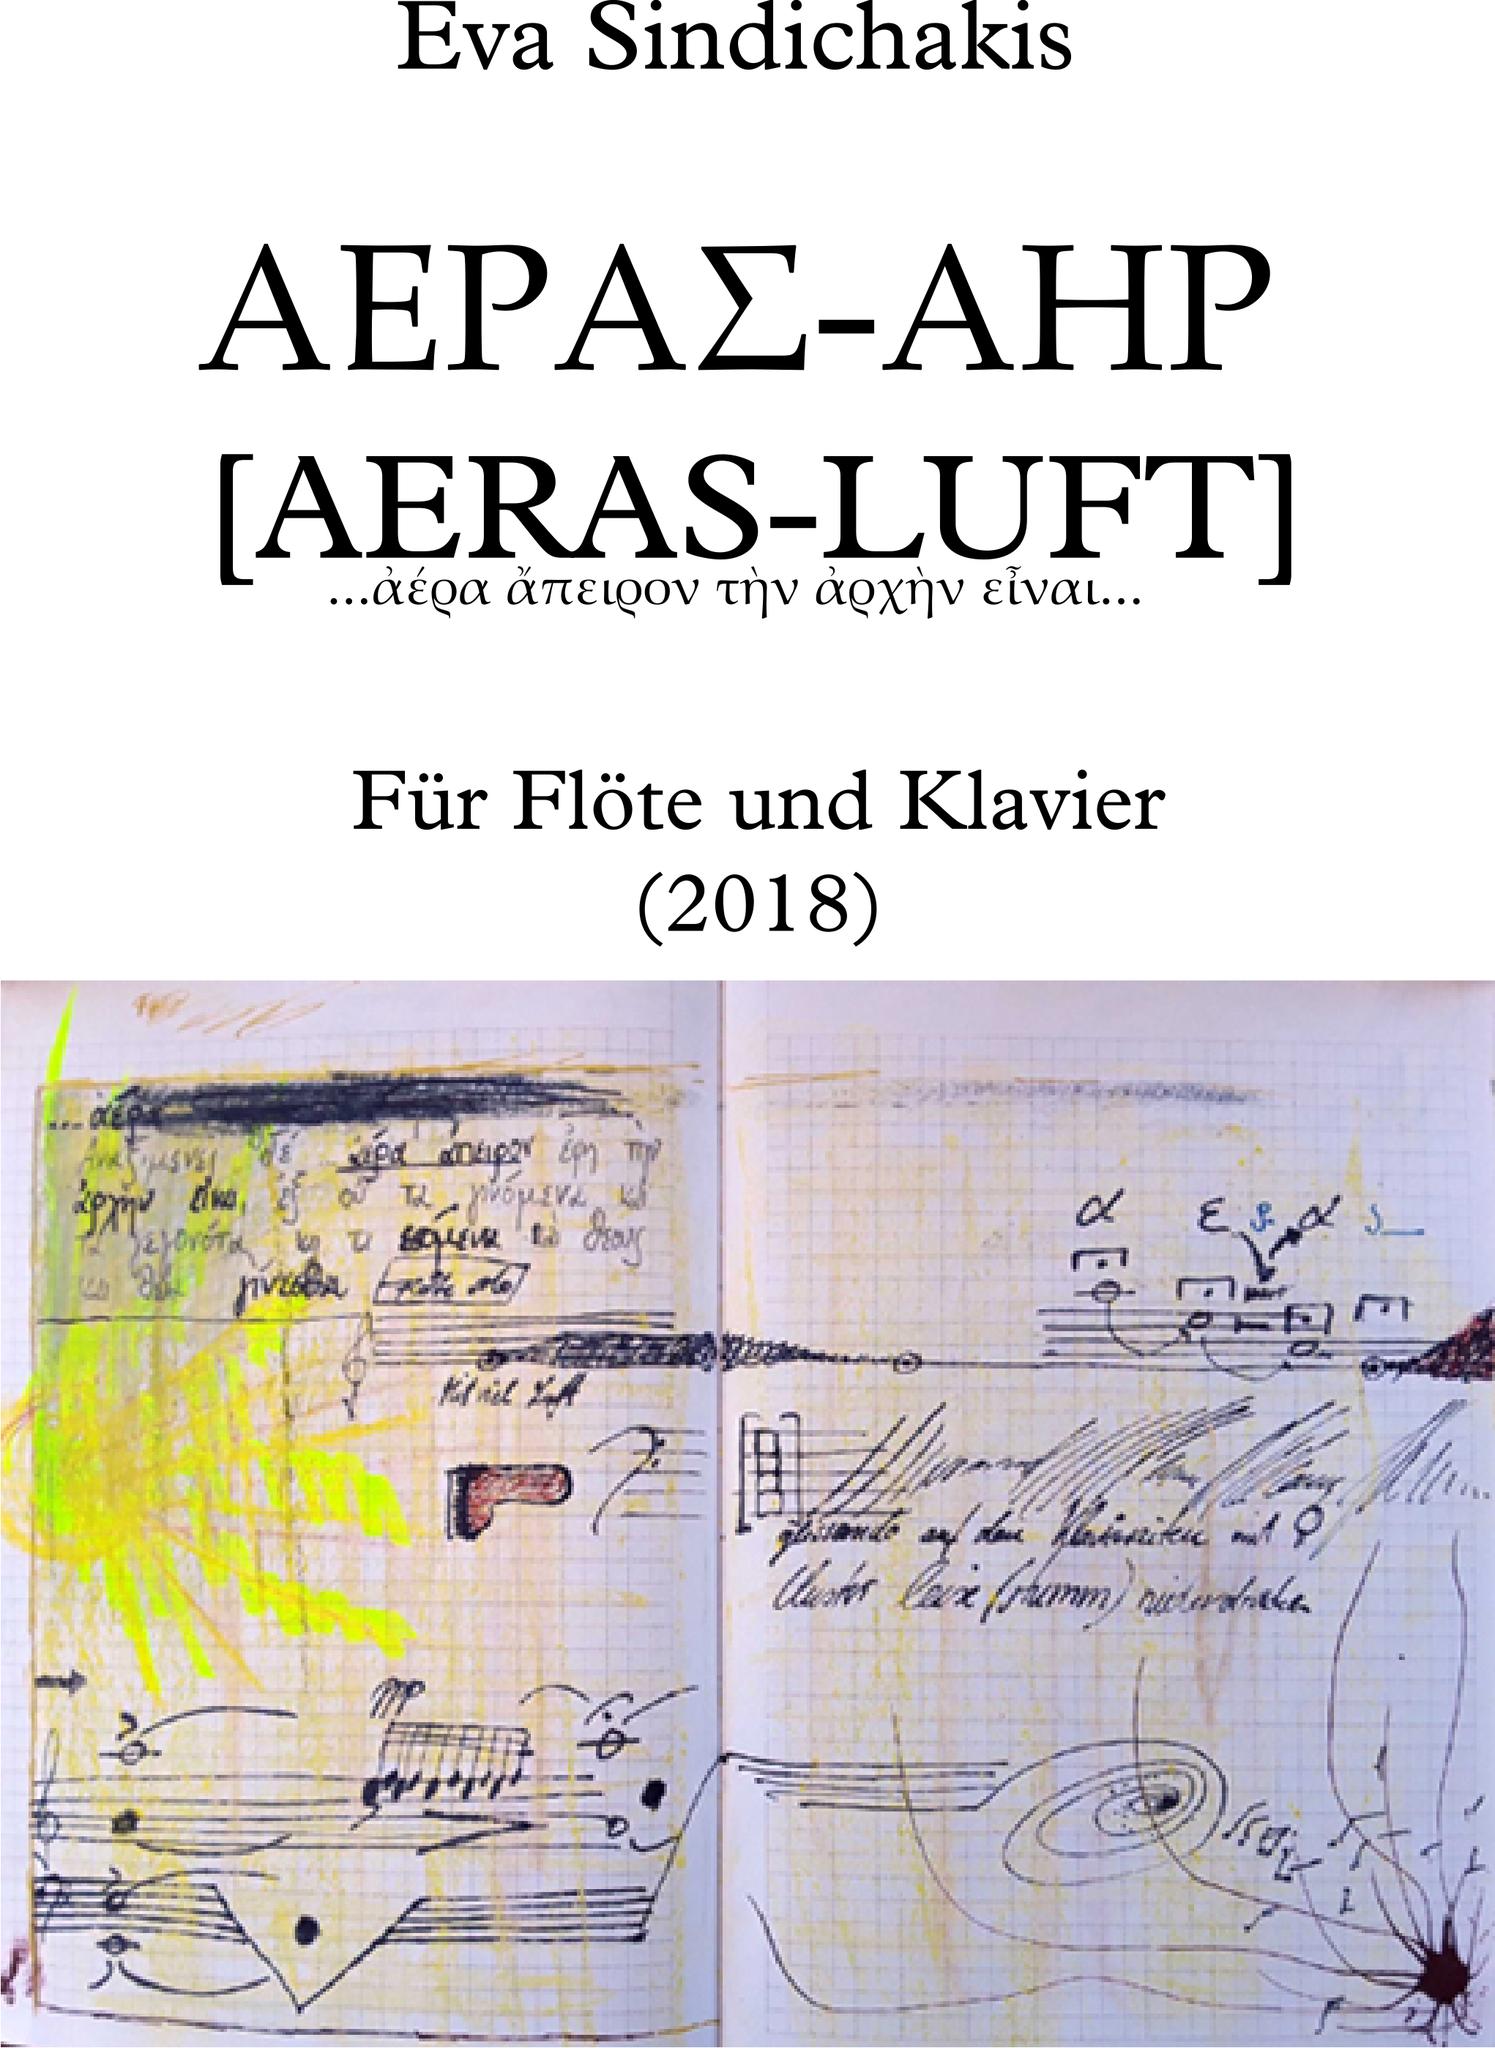 AERAS von Eva Sindichakis für Flöte und KLavier